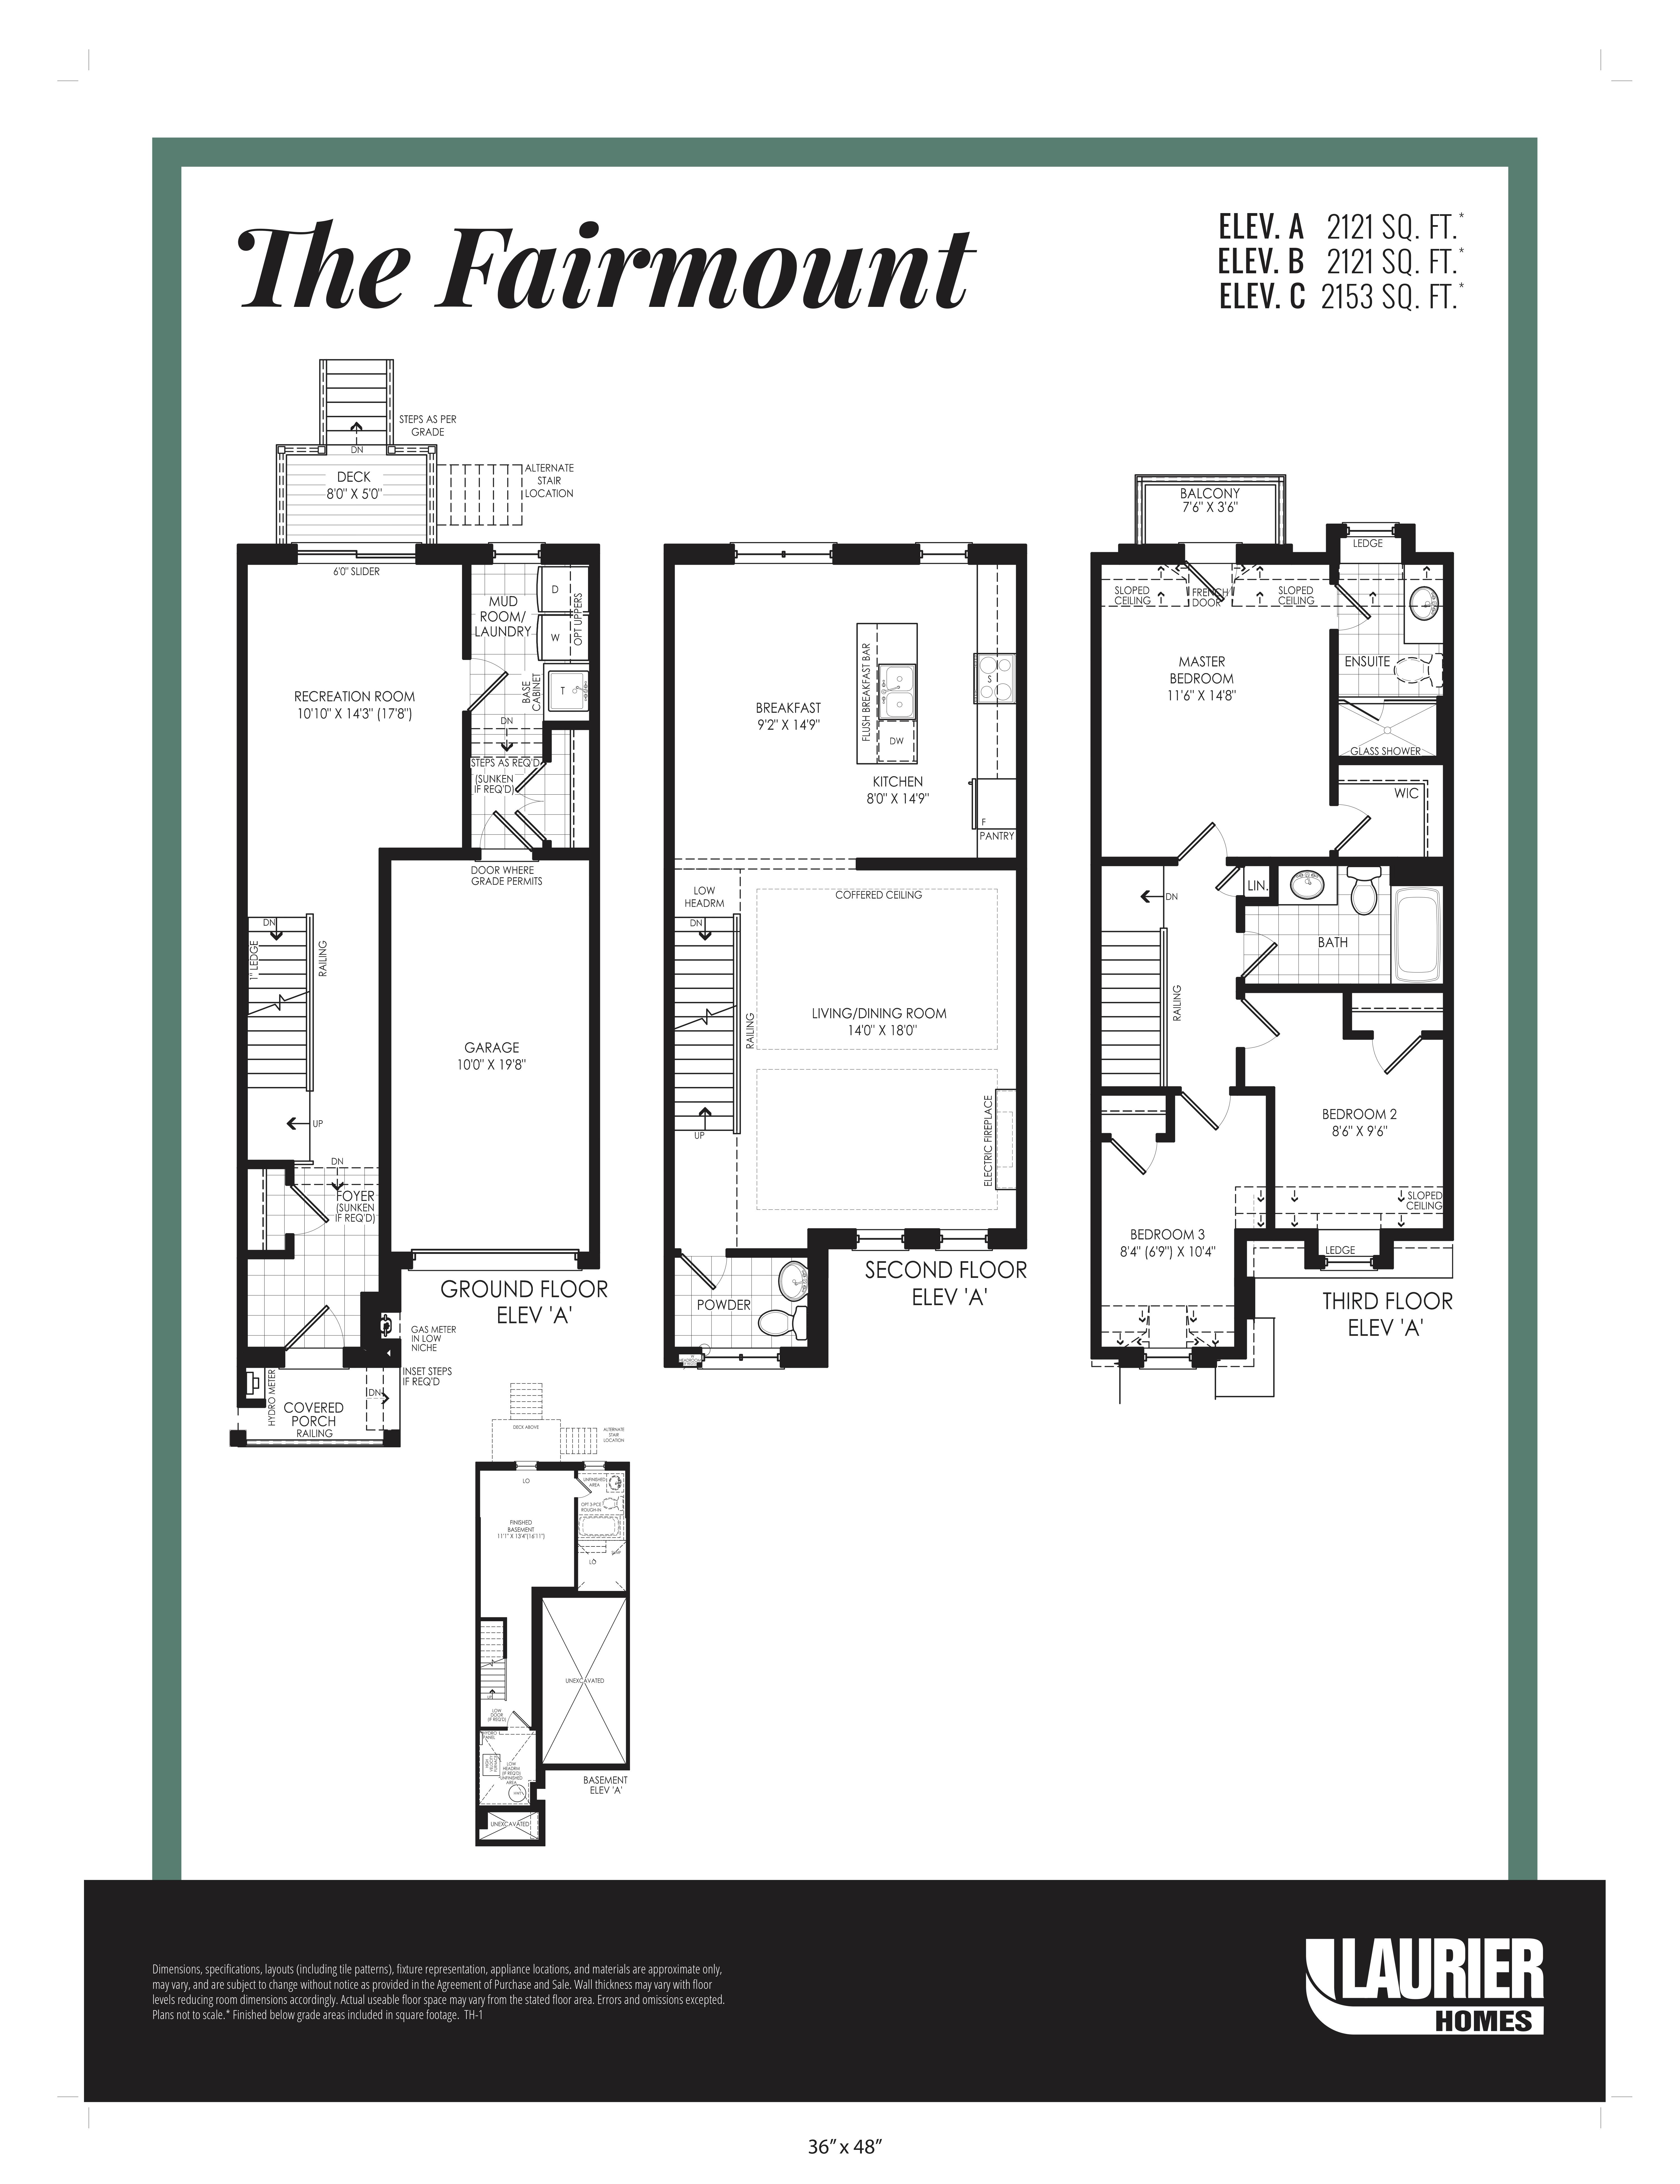 Floor plan of The Fairmount